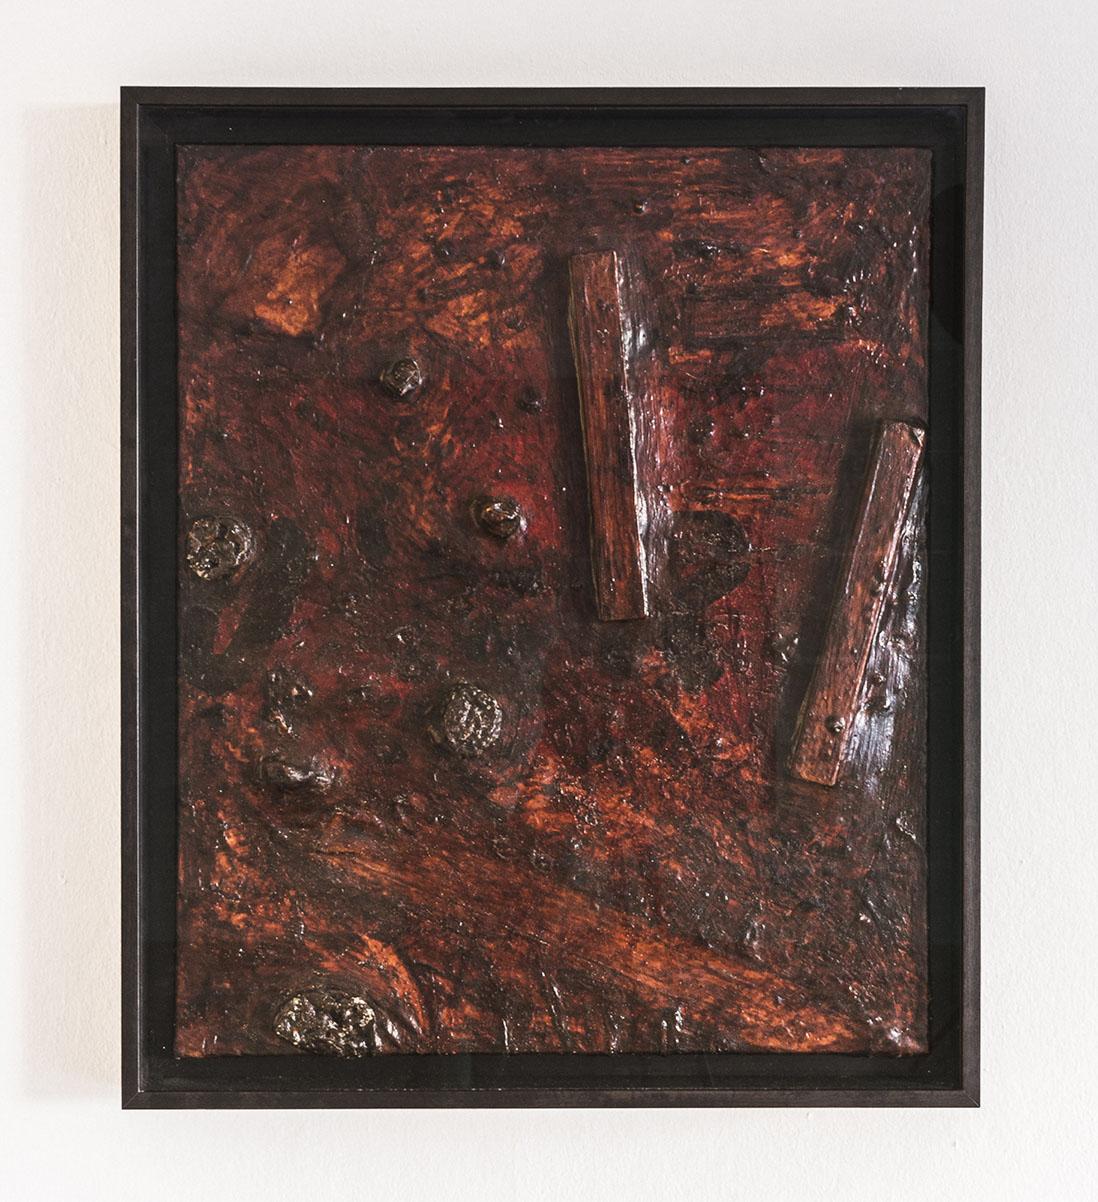 Martin Kippenberger  o.T., 1990, Öl, Acryl und Latex auf Leinwand 90 x 75 cm  Werkverzeichnis: Capitain-Fiorito/Franzen, III, MK.P.1990.72